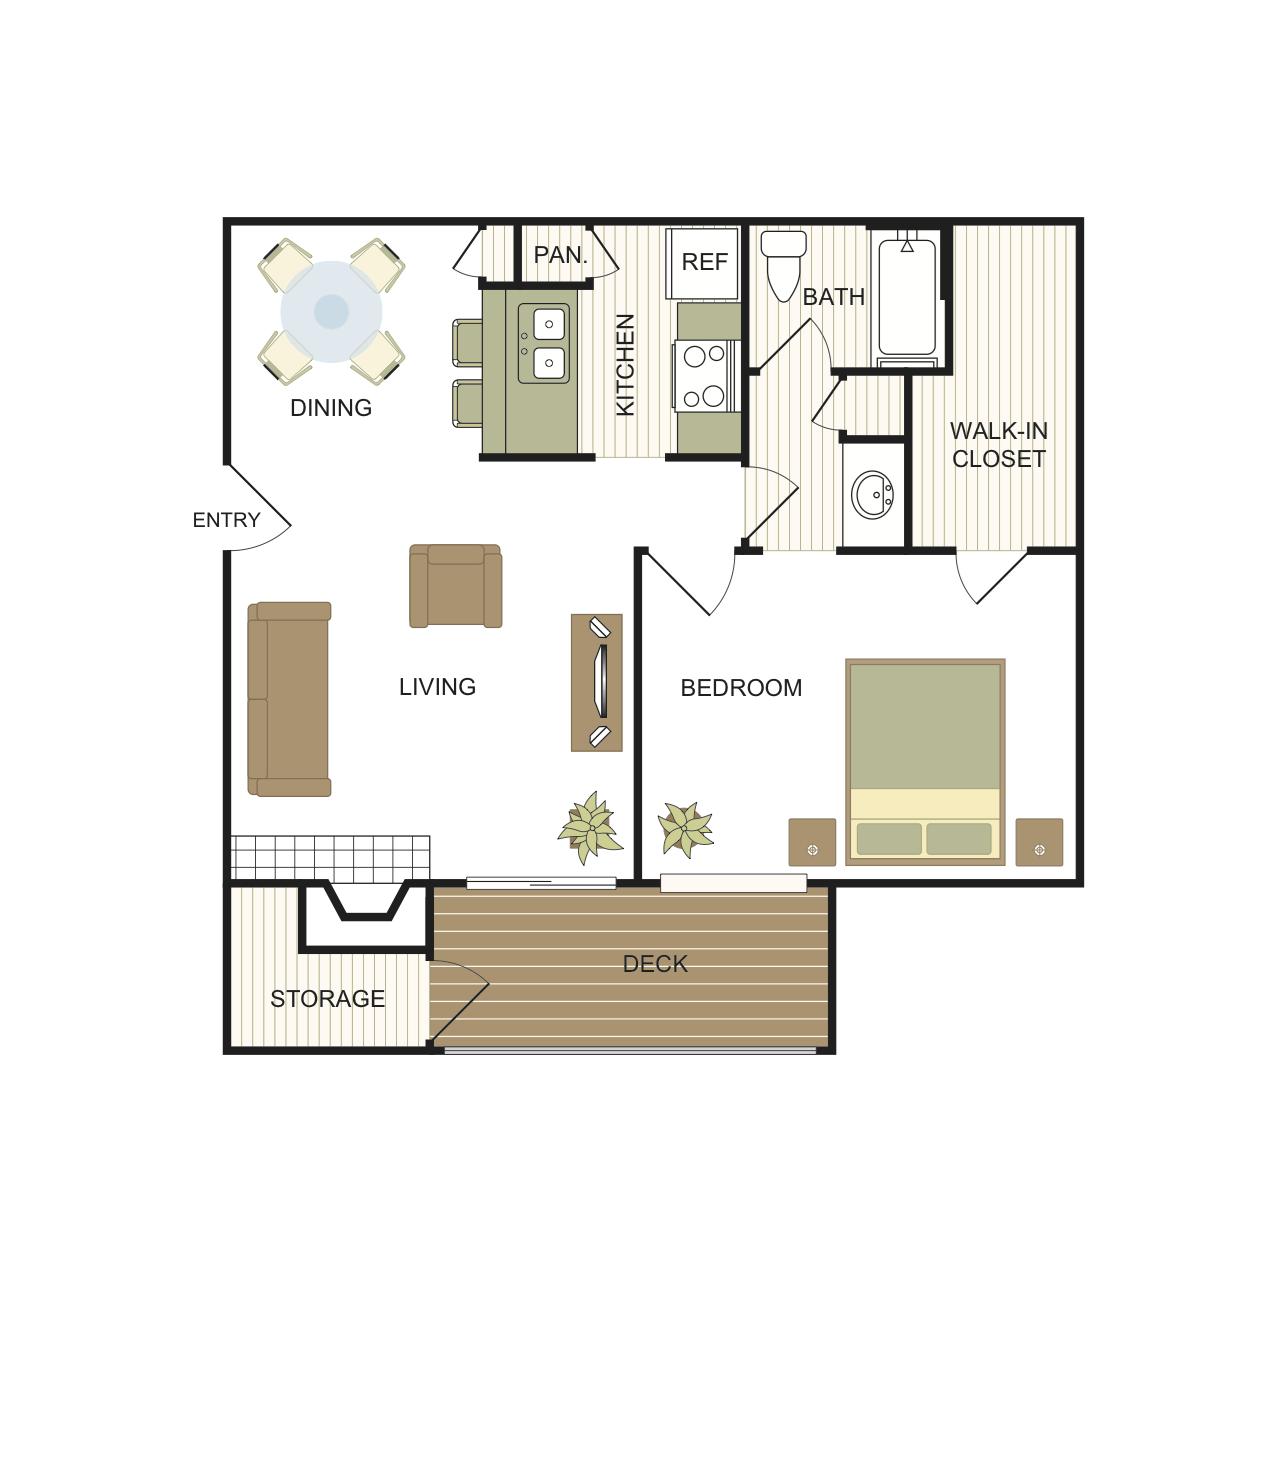 1 Bedroom | 1 Bath Floor Plan 3